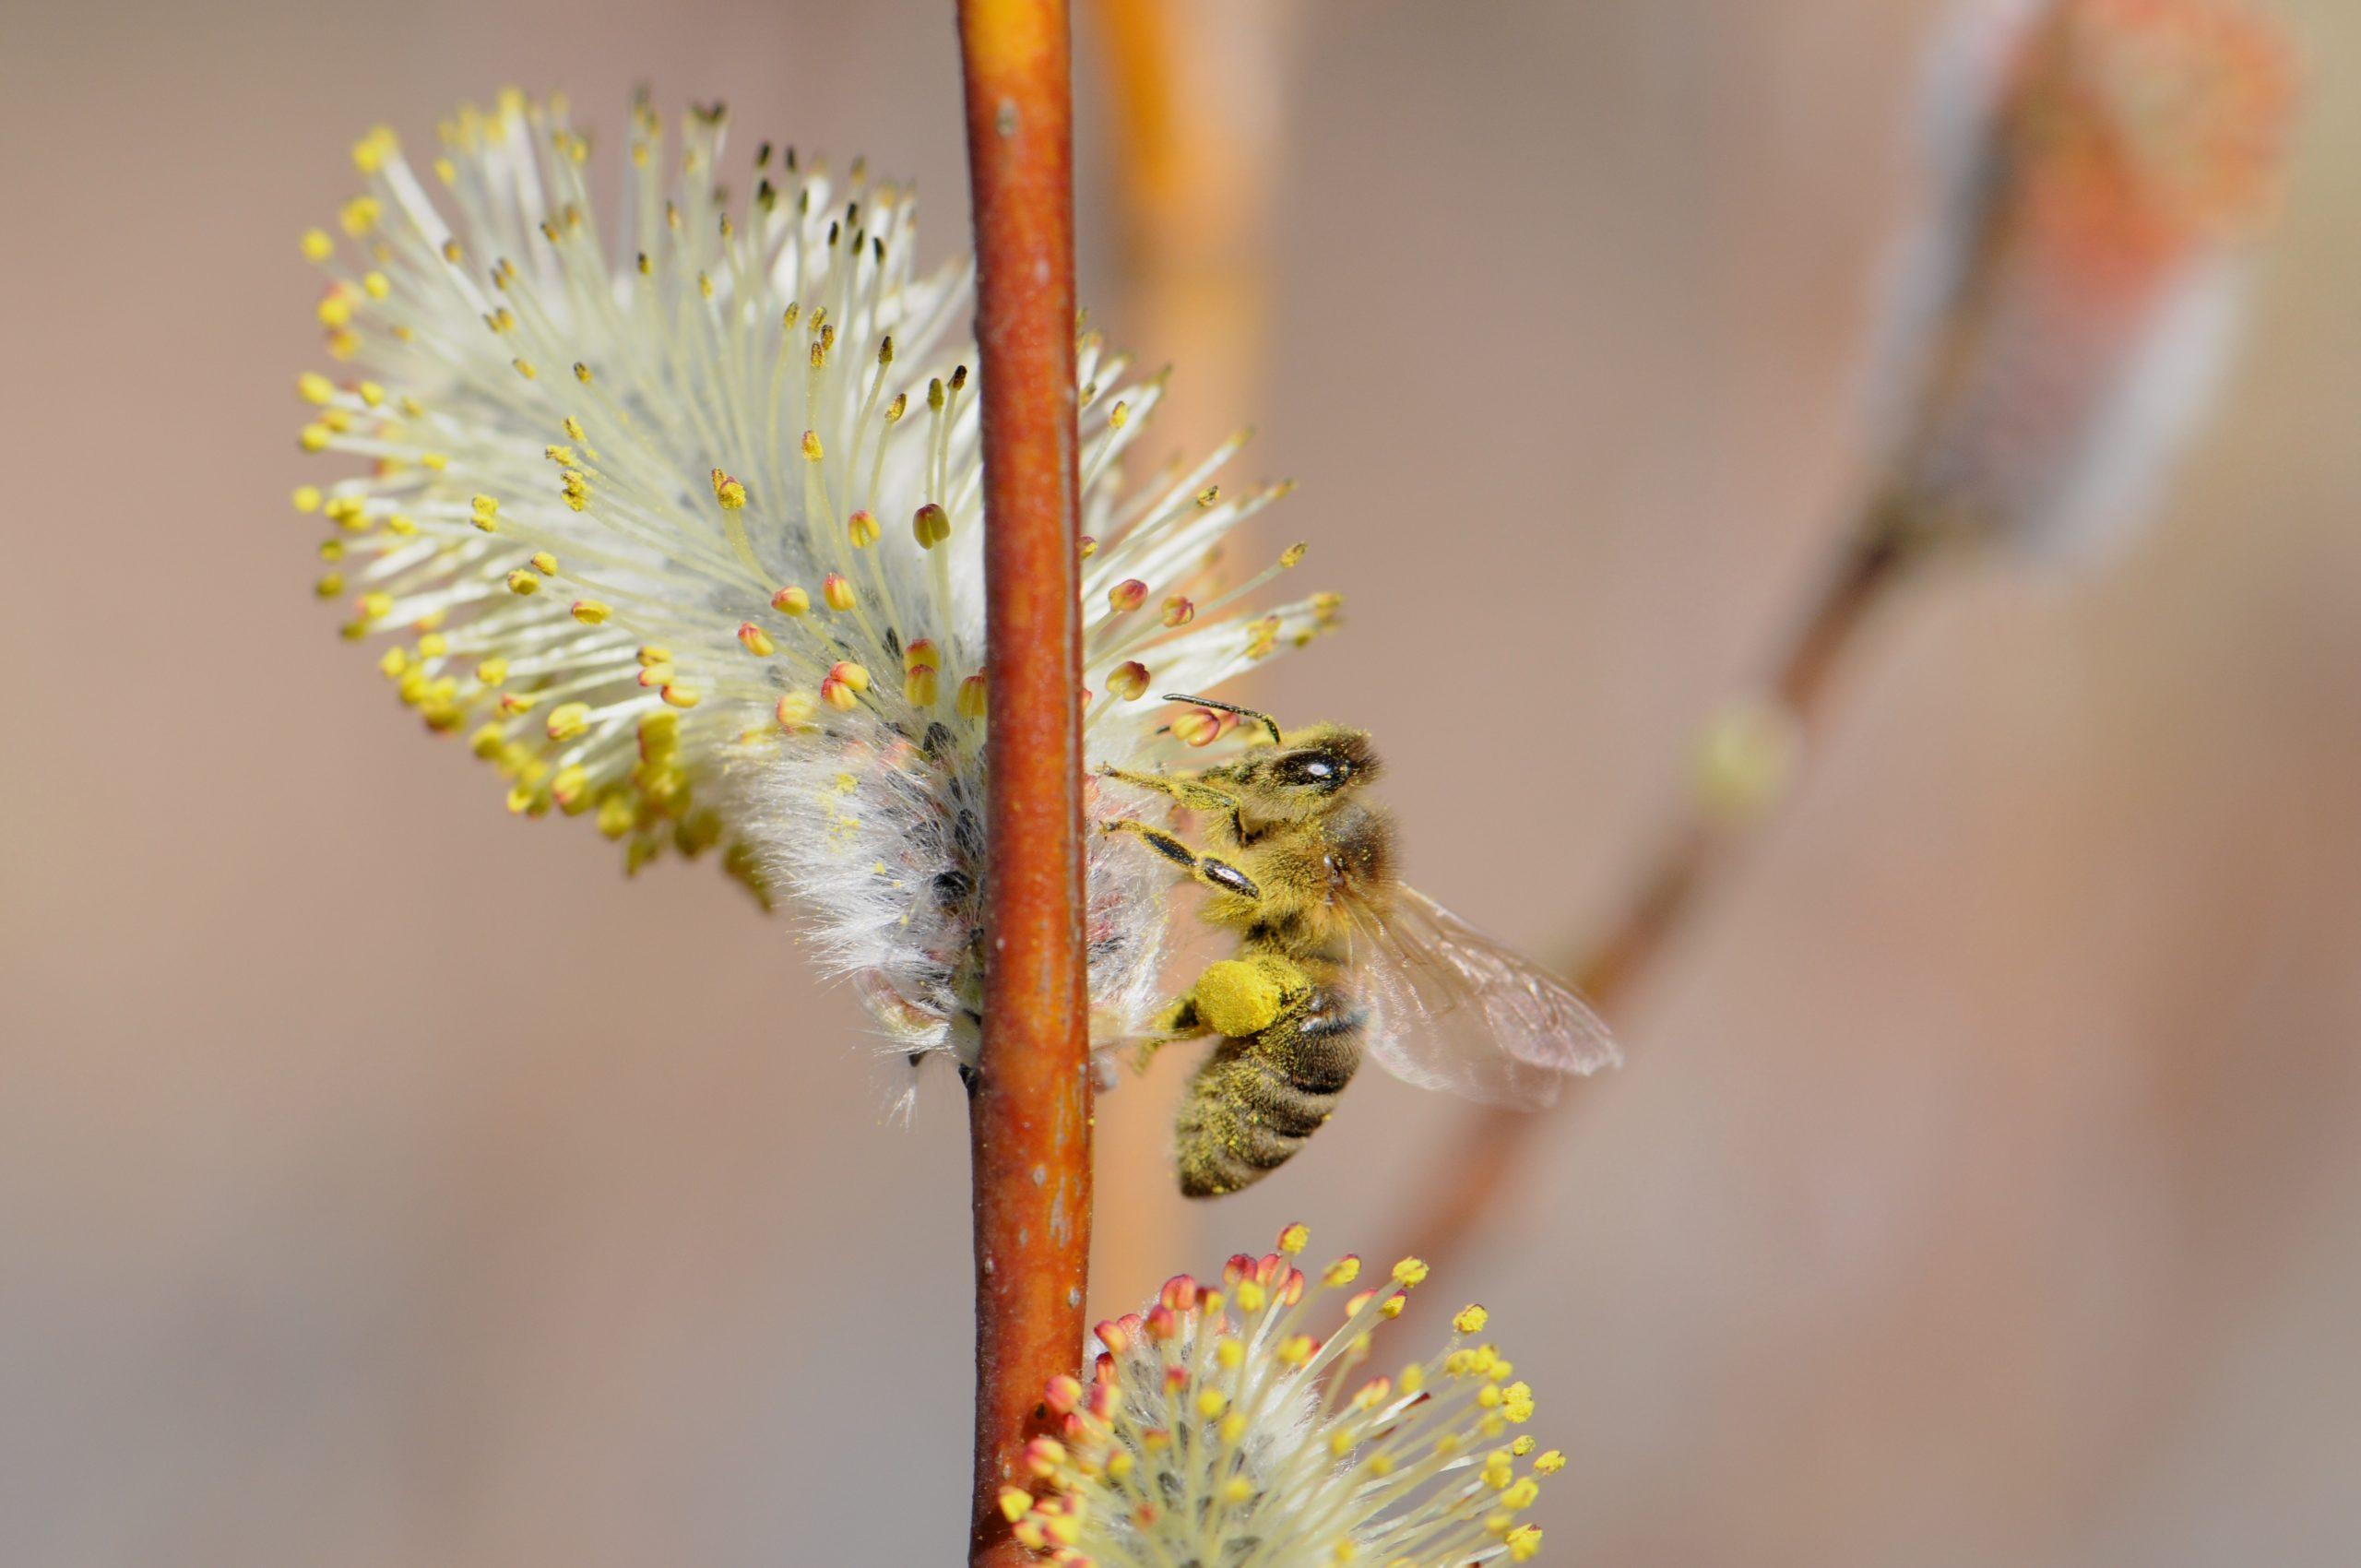 Mehiläinen pajun kukinnolla.